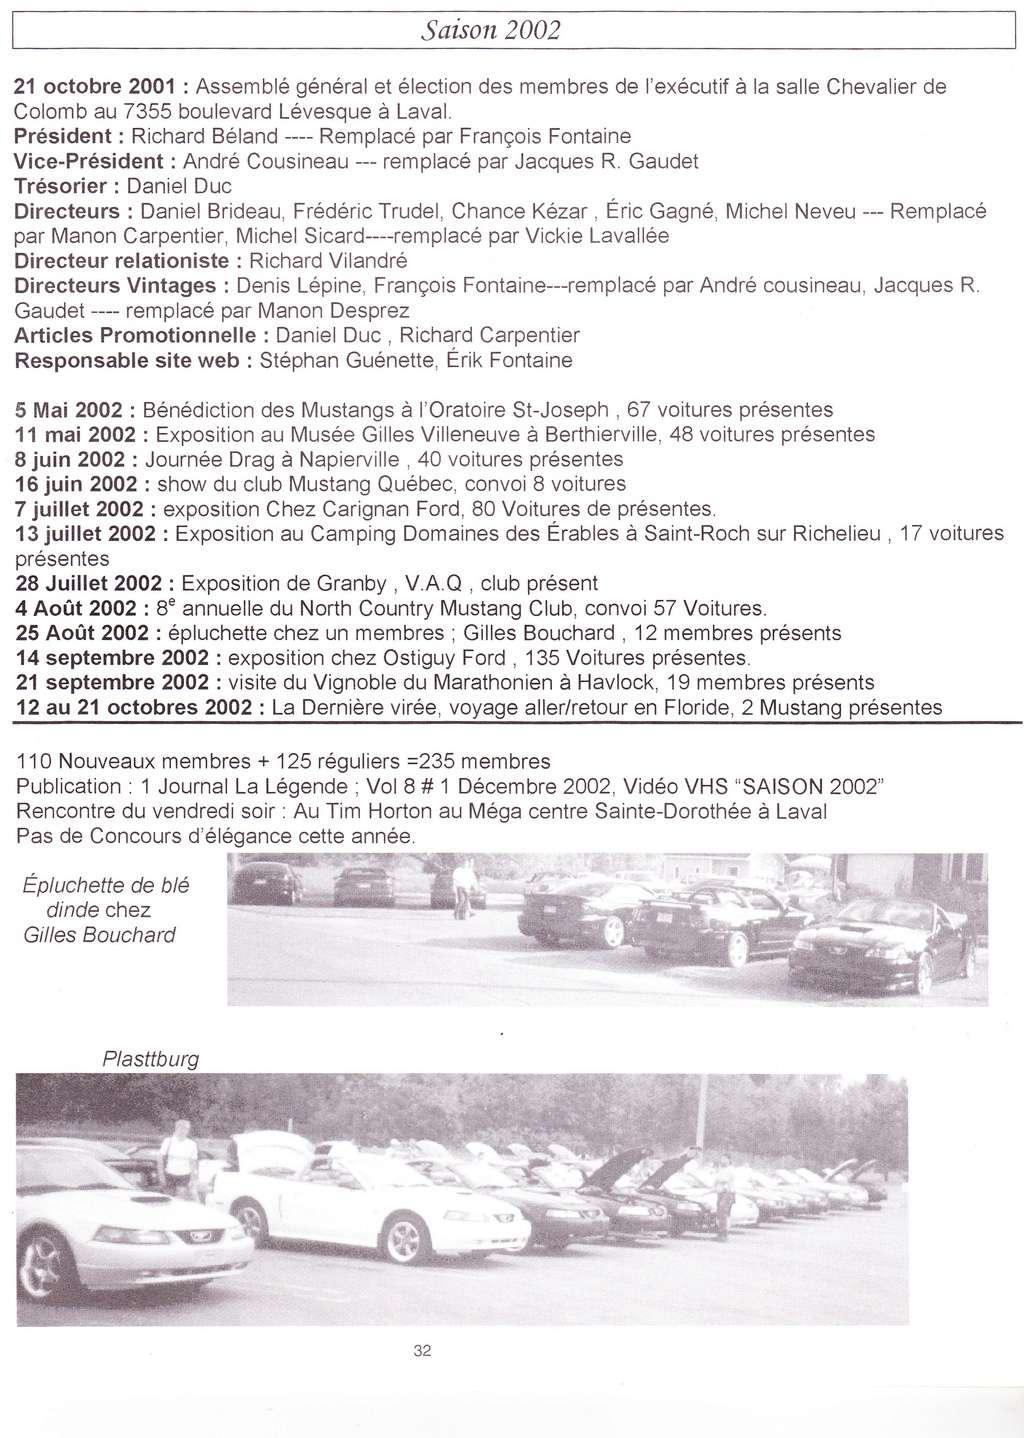 Montréal Mustang dans le temps! 1981 à aujourd'hui (Histoire en photos) La_lyg72